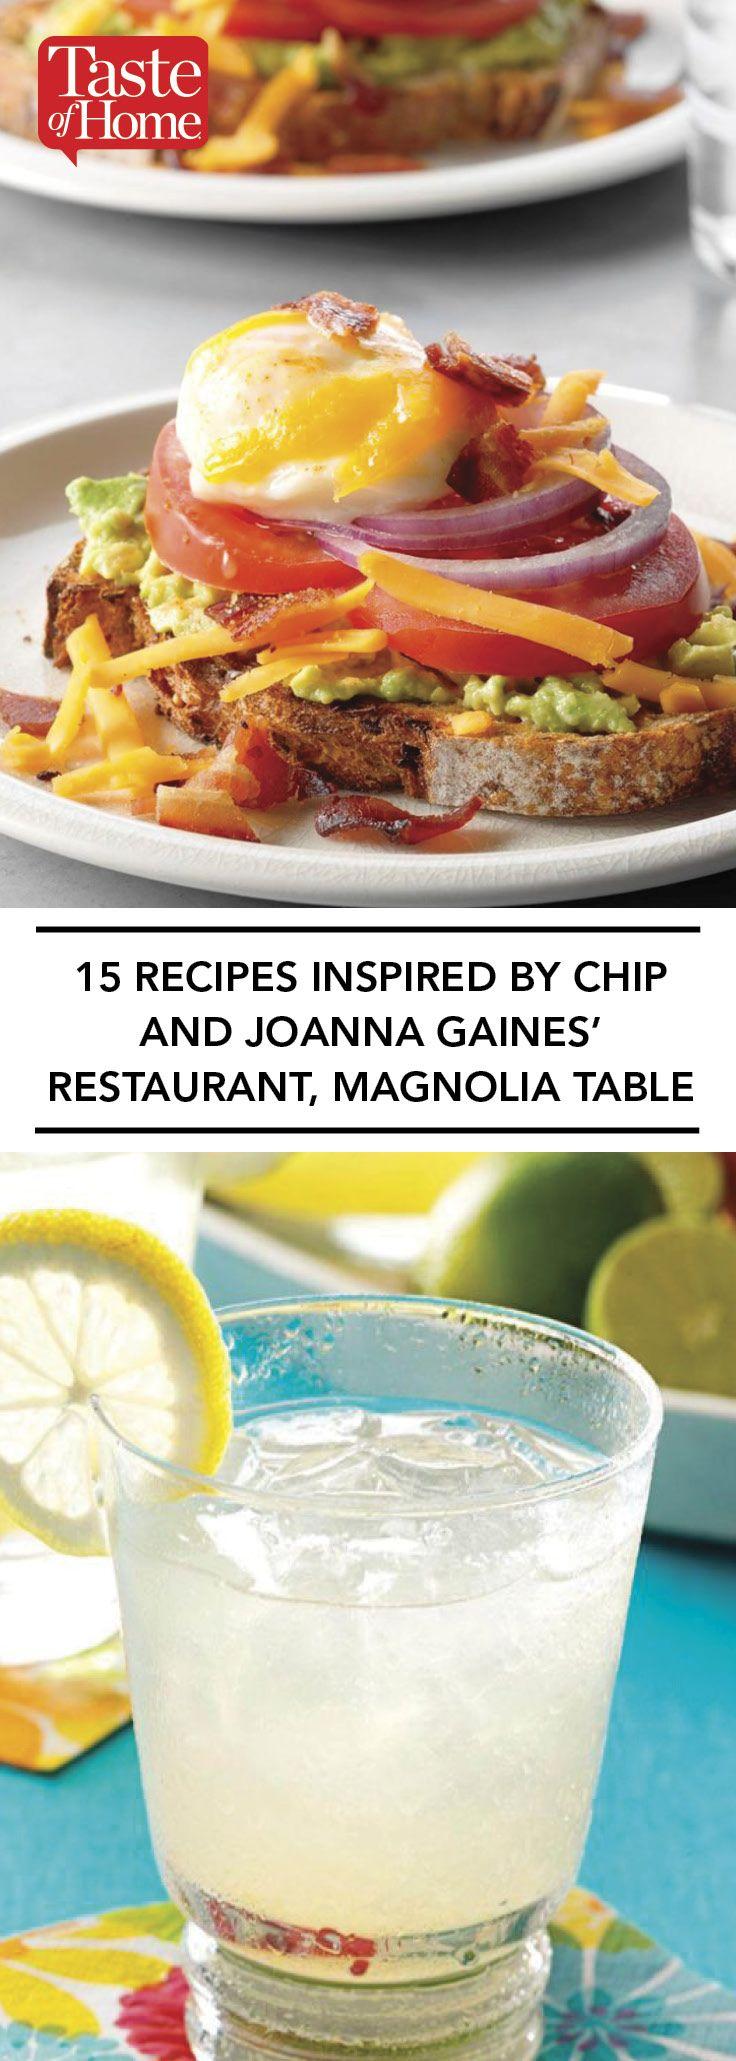 15 Rezepte inspiriert von Chip und Joanna Gaines 'Restaurant, Magnolia Table